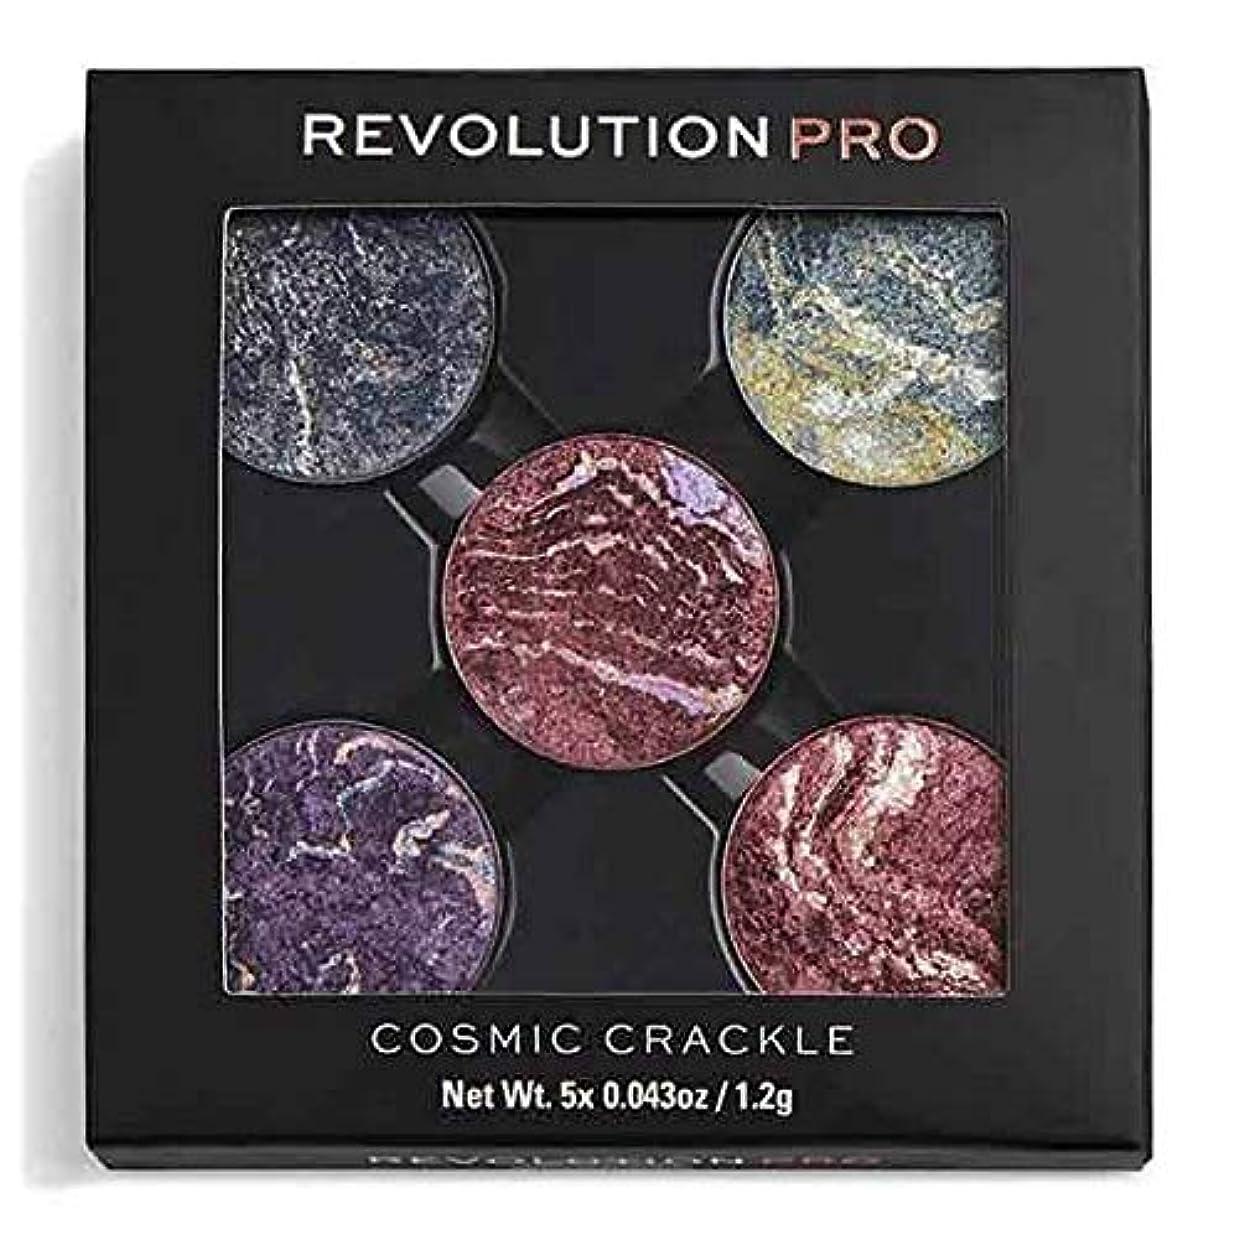 報復する乳雇う[Revolution ] 革命プロリフィルアイシャドウは、宇宙クラックルをパック - Revolution Pro Refill Eyeshadow Pack Cosmic Crackle [並行輸入品]